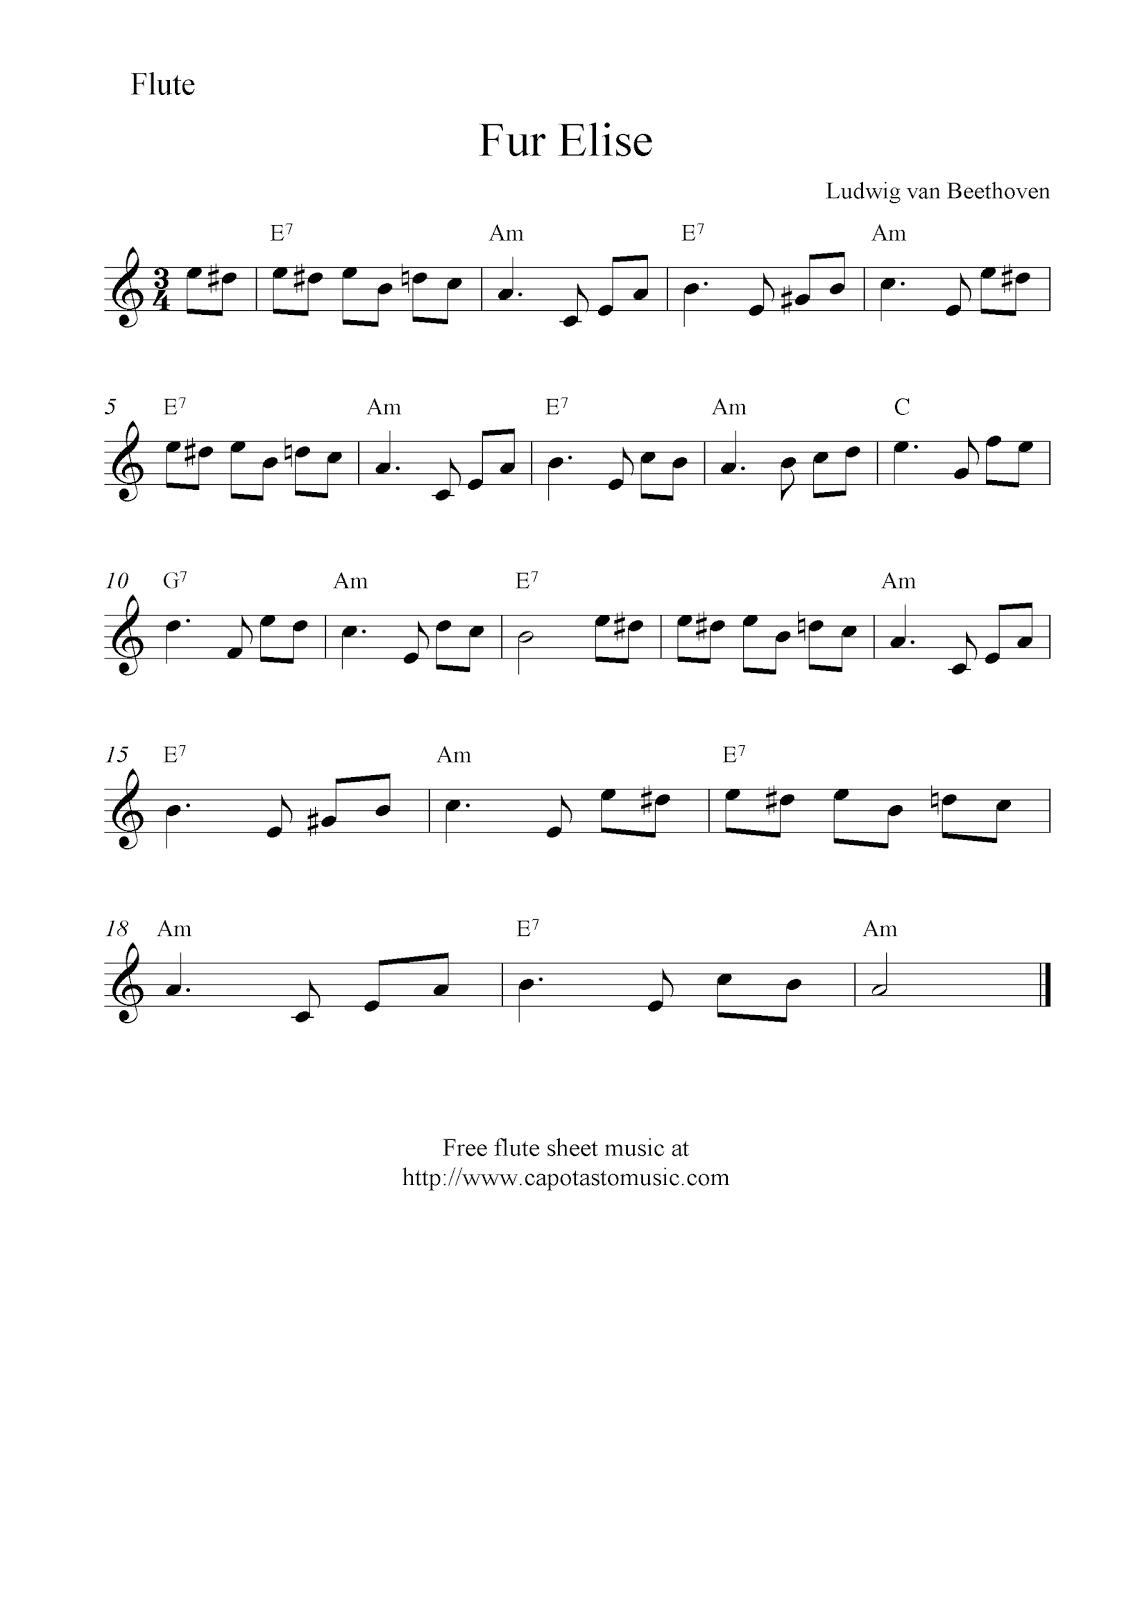 Für Elise Beethoven (Flute) Free flute sheet music